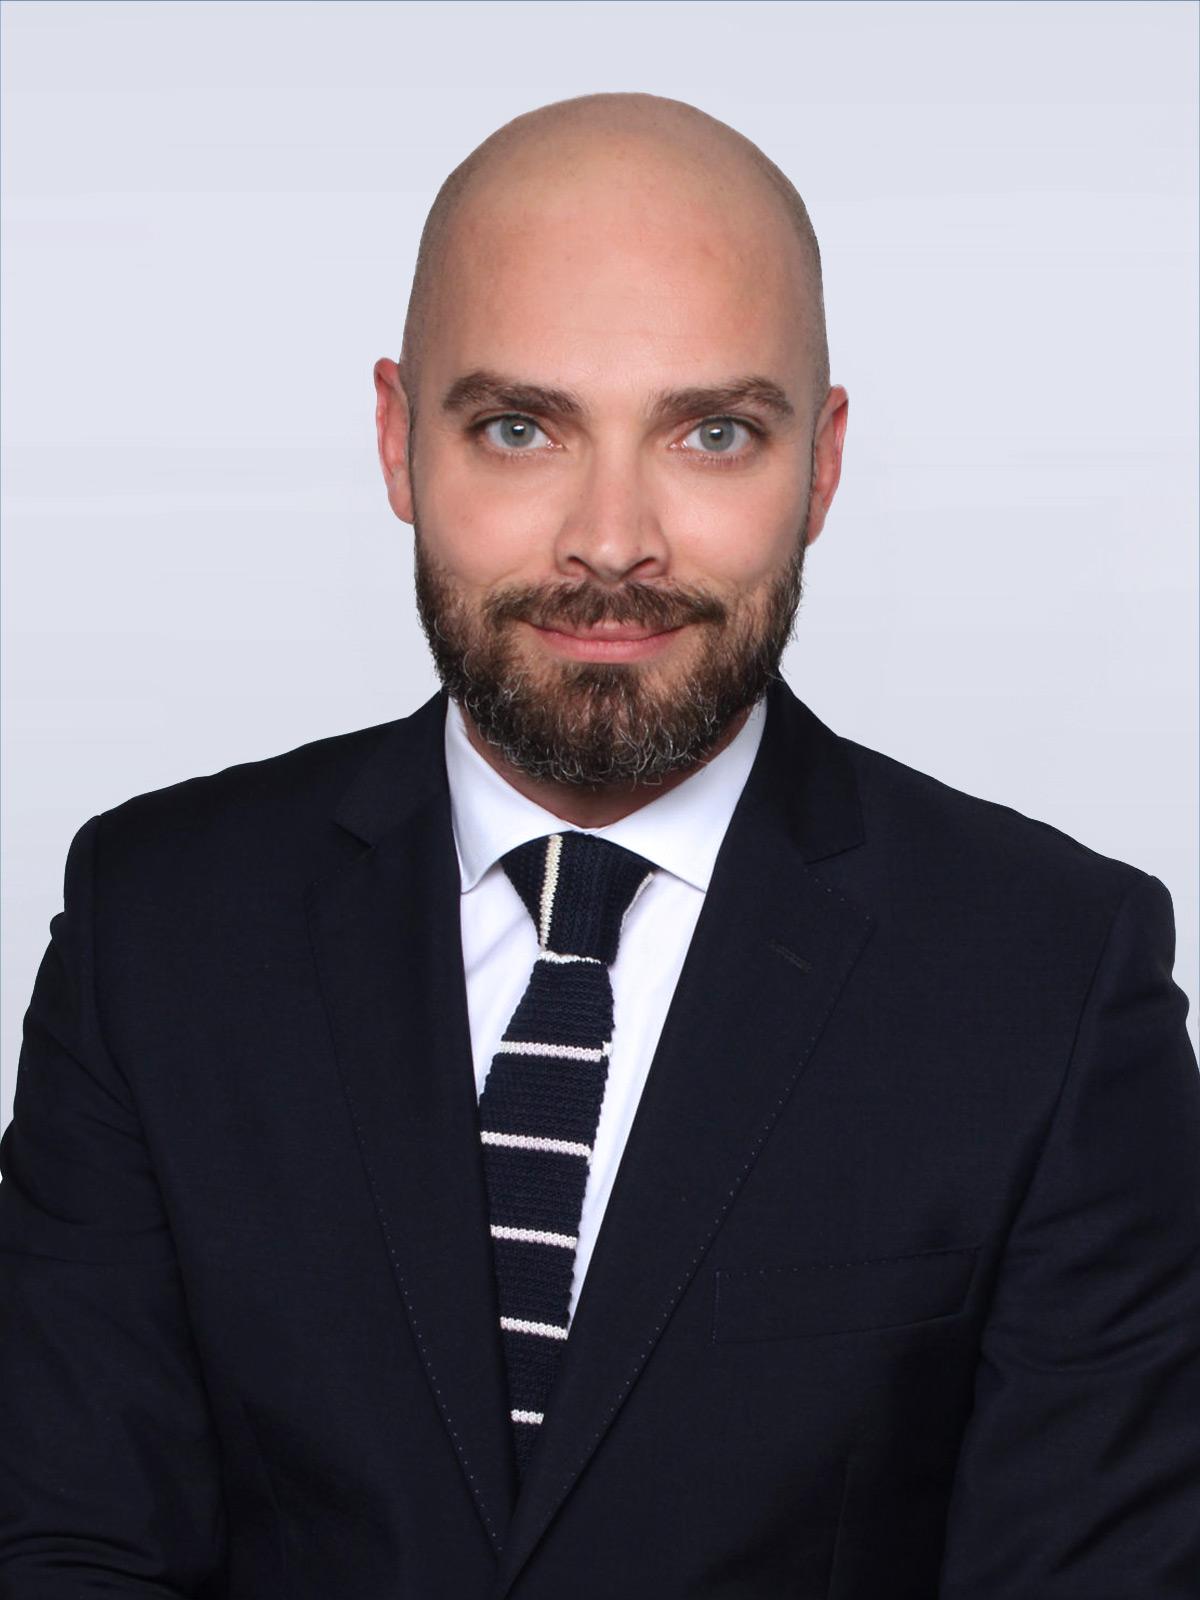 Steven Guthknecht